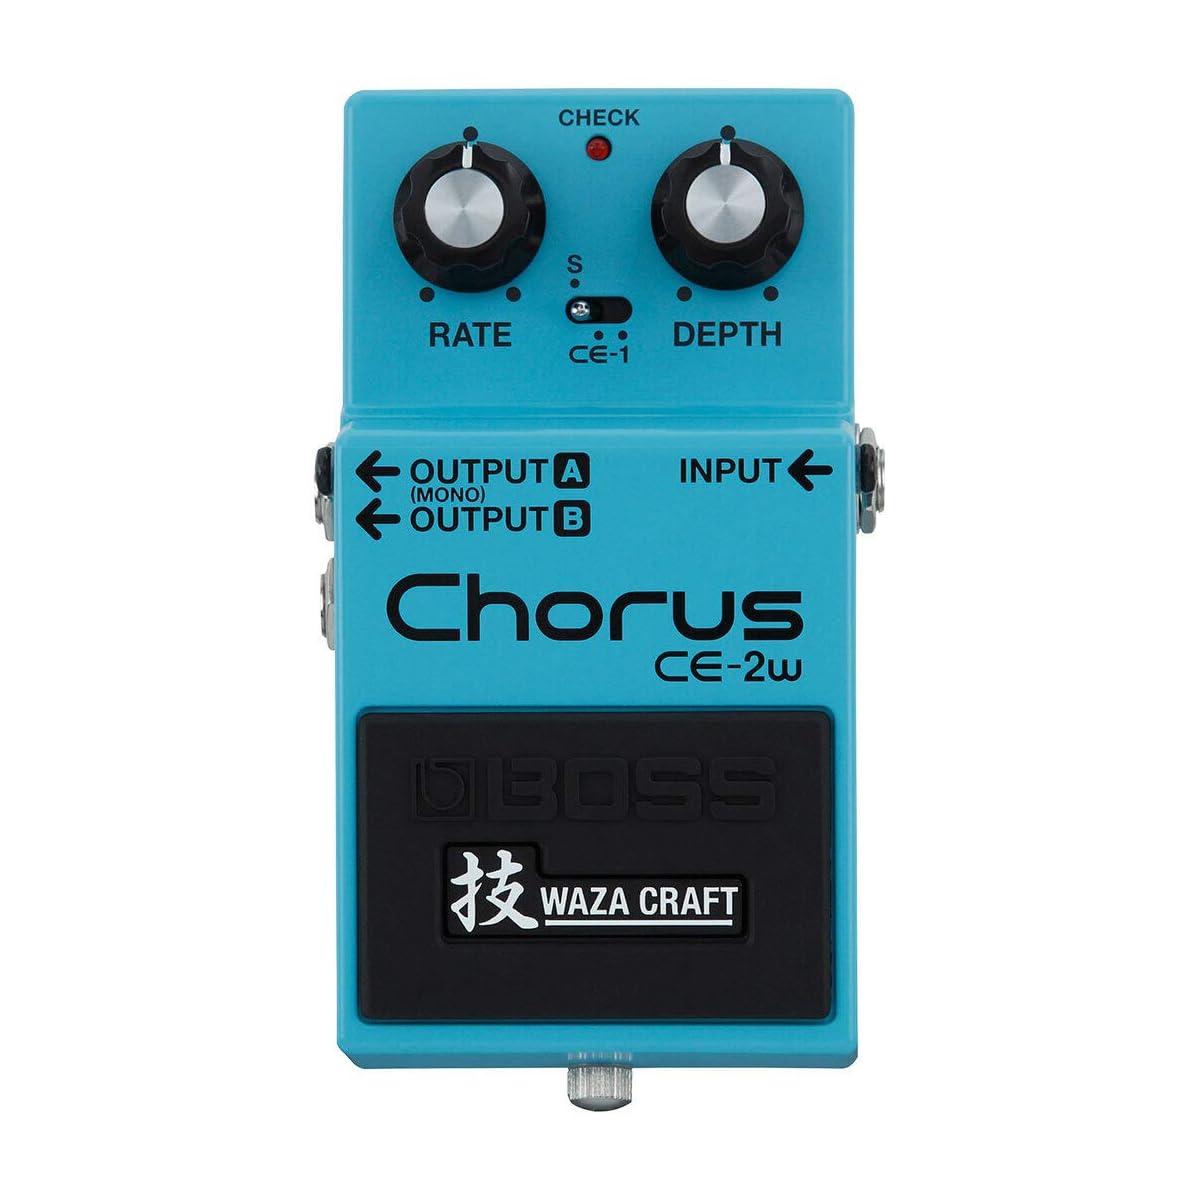 リンク:CE-2W Chorus